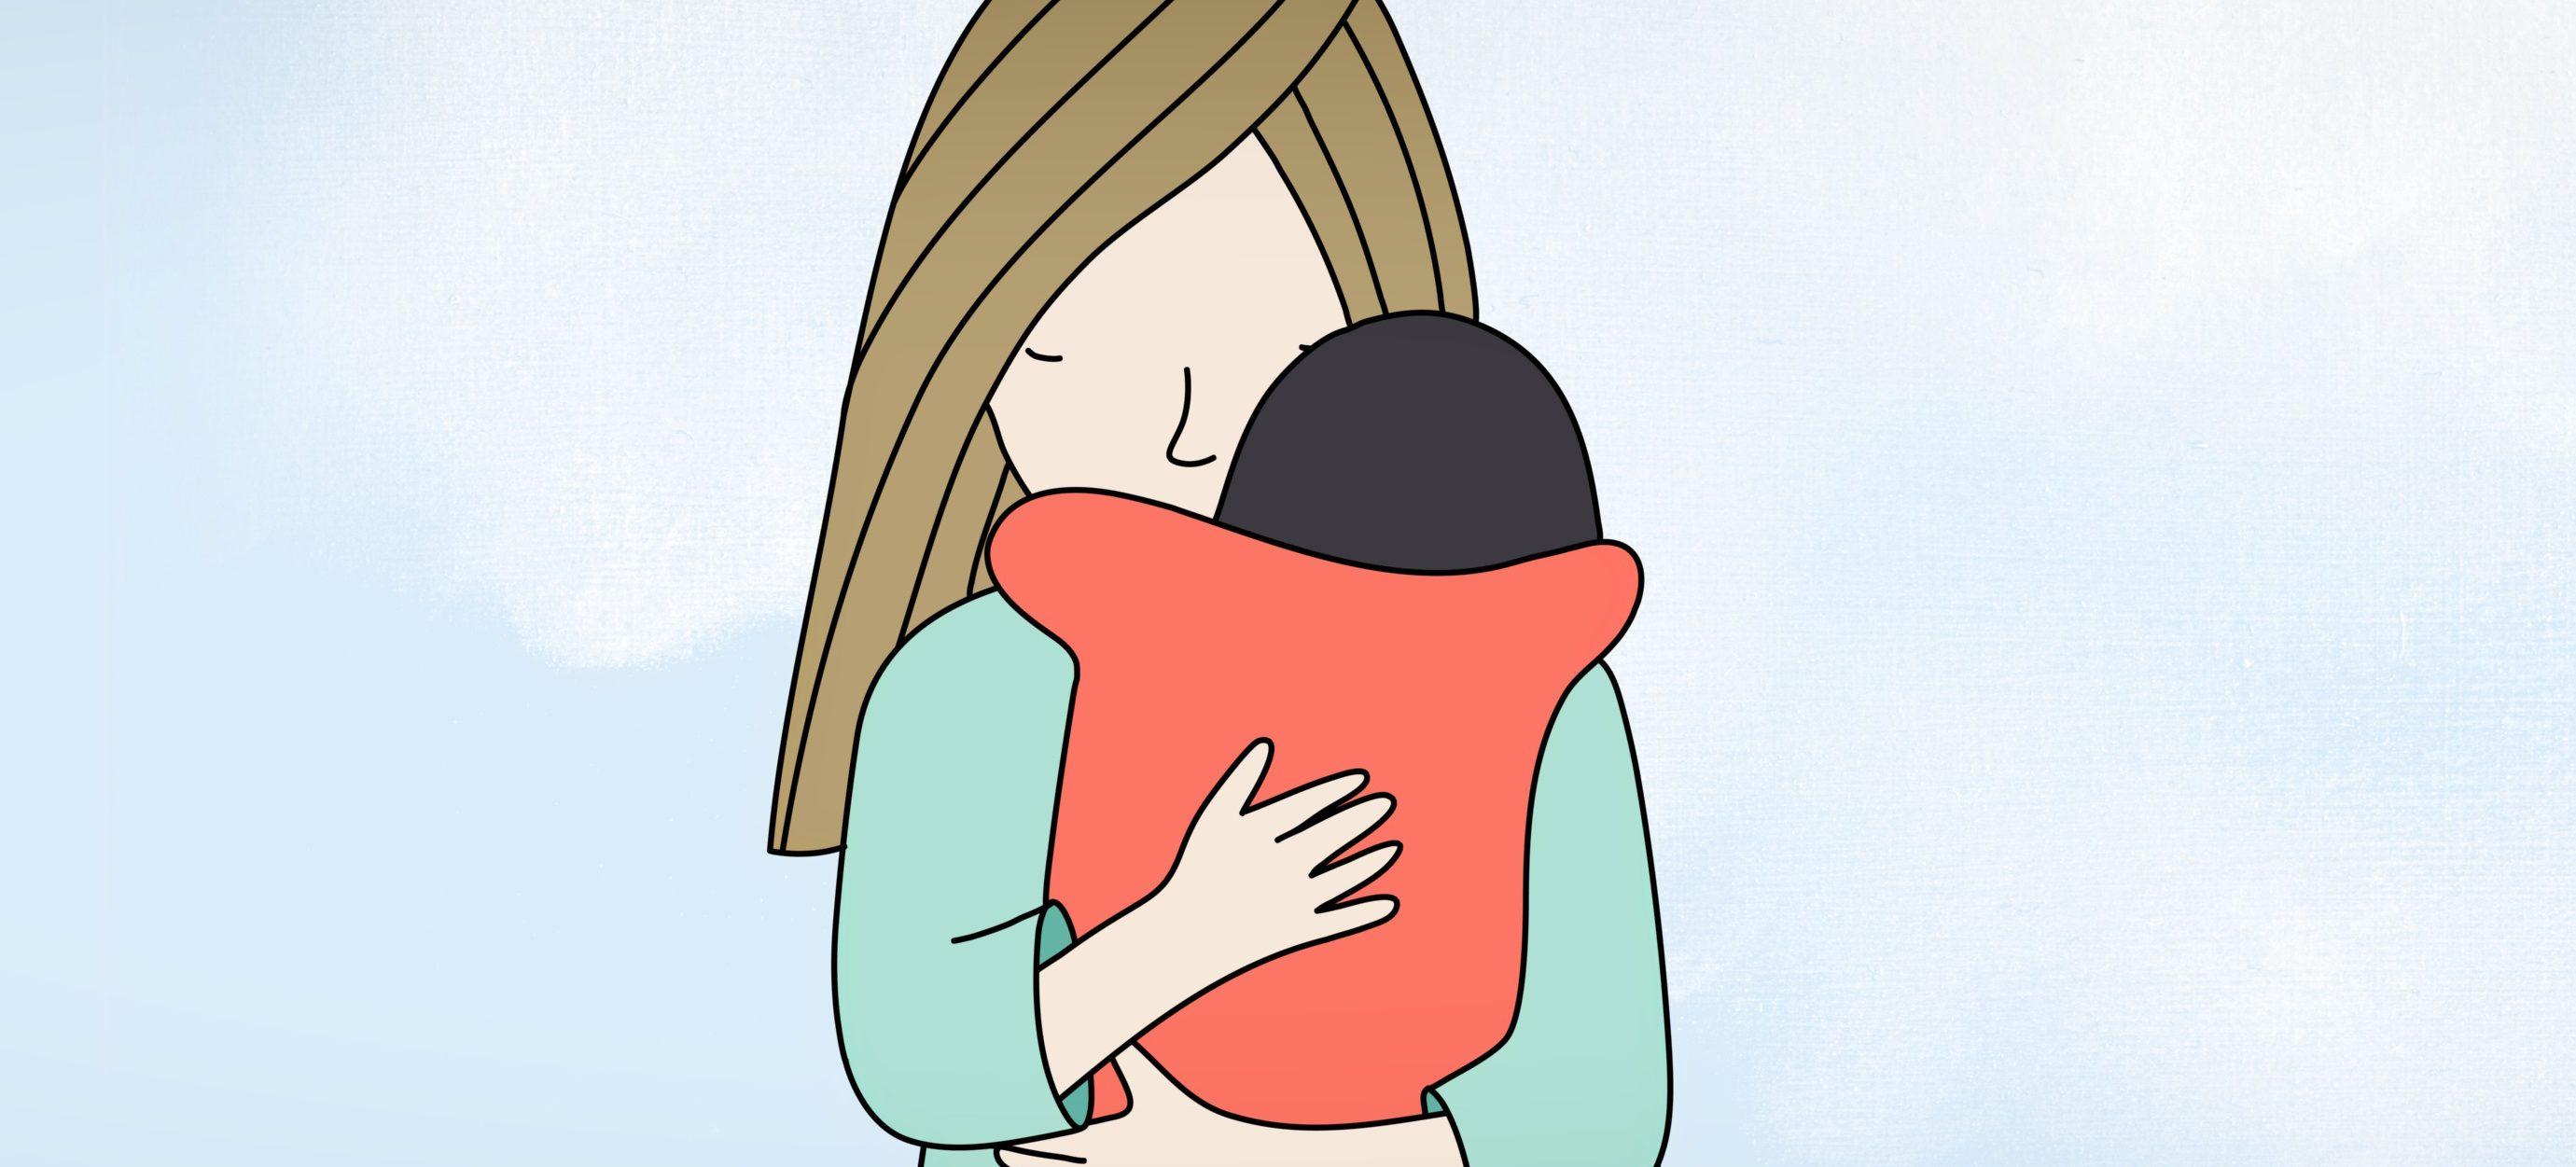 Un film touchant sur l'amour entre une mère et sa fille signé Torill Kove